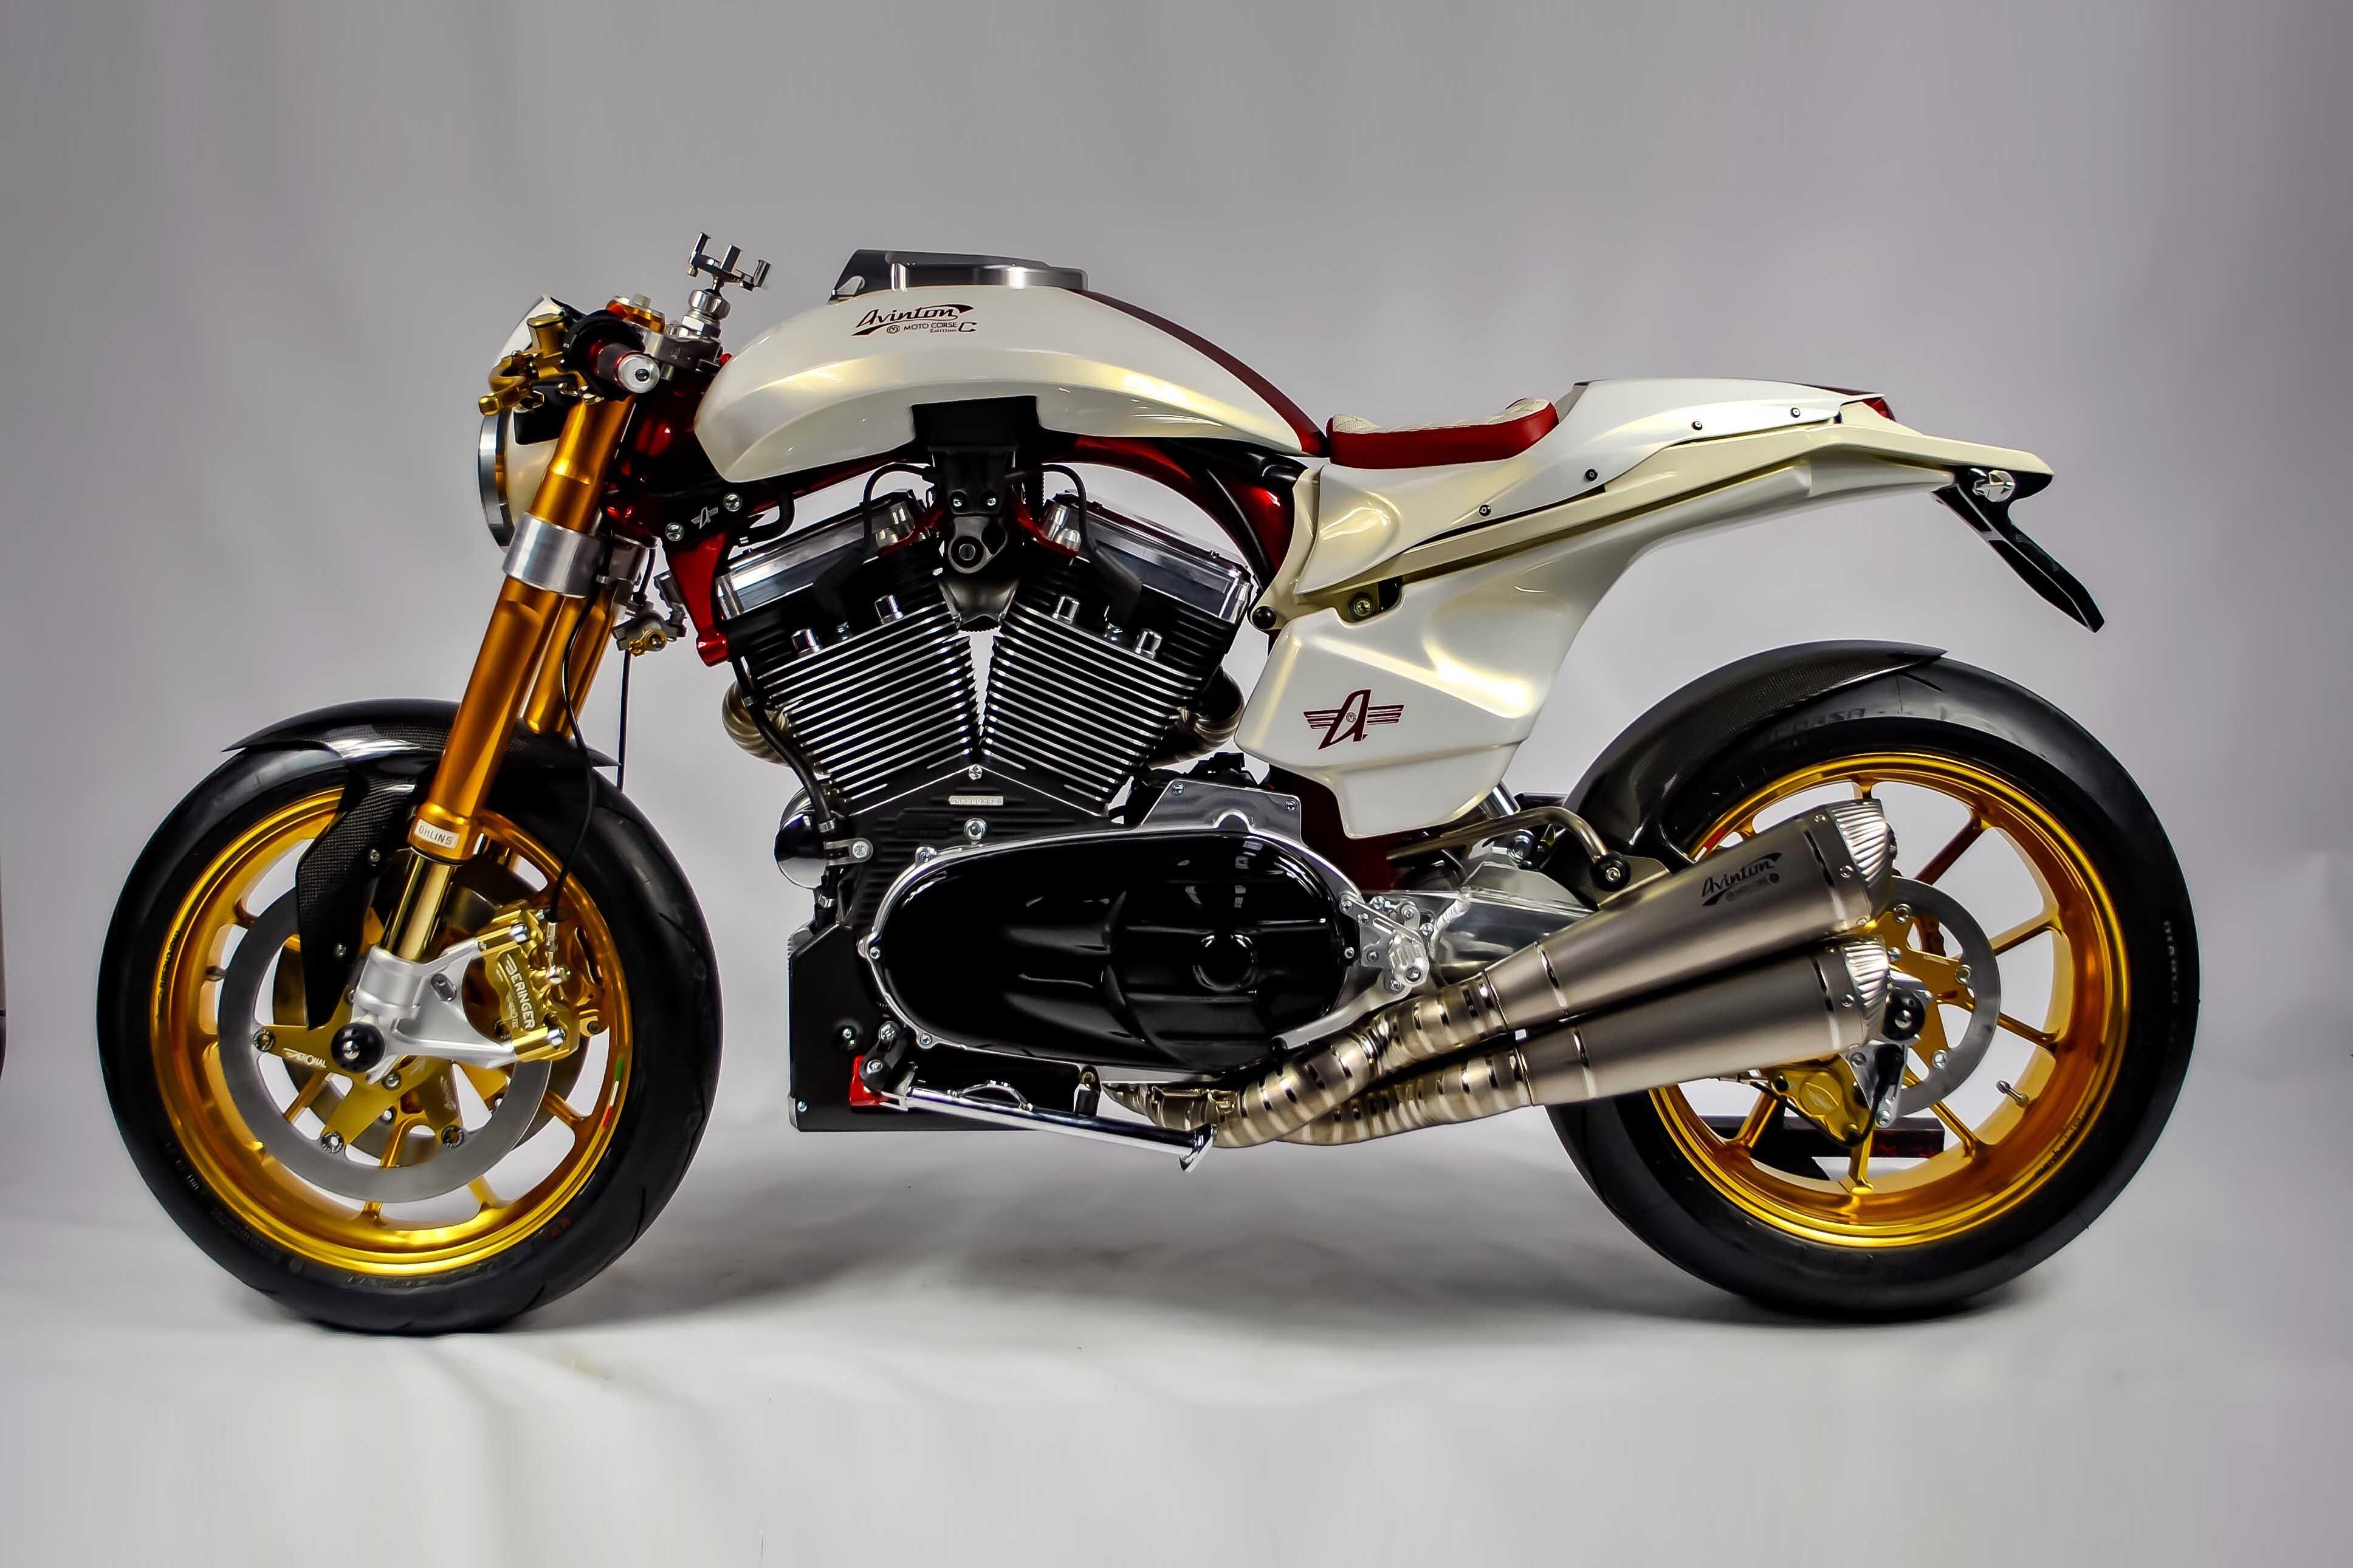 avinton roadster la plus am ricaine des motos fran aises. Black Bedroom Furniture Sets. Home Design Ideas